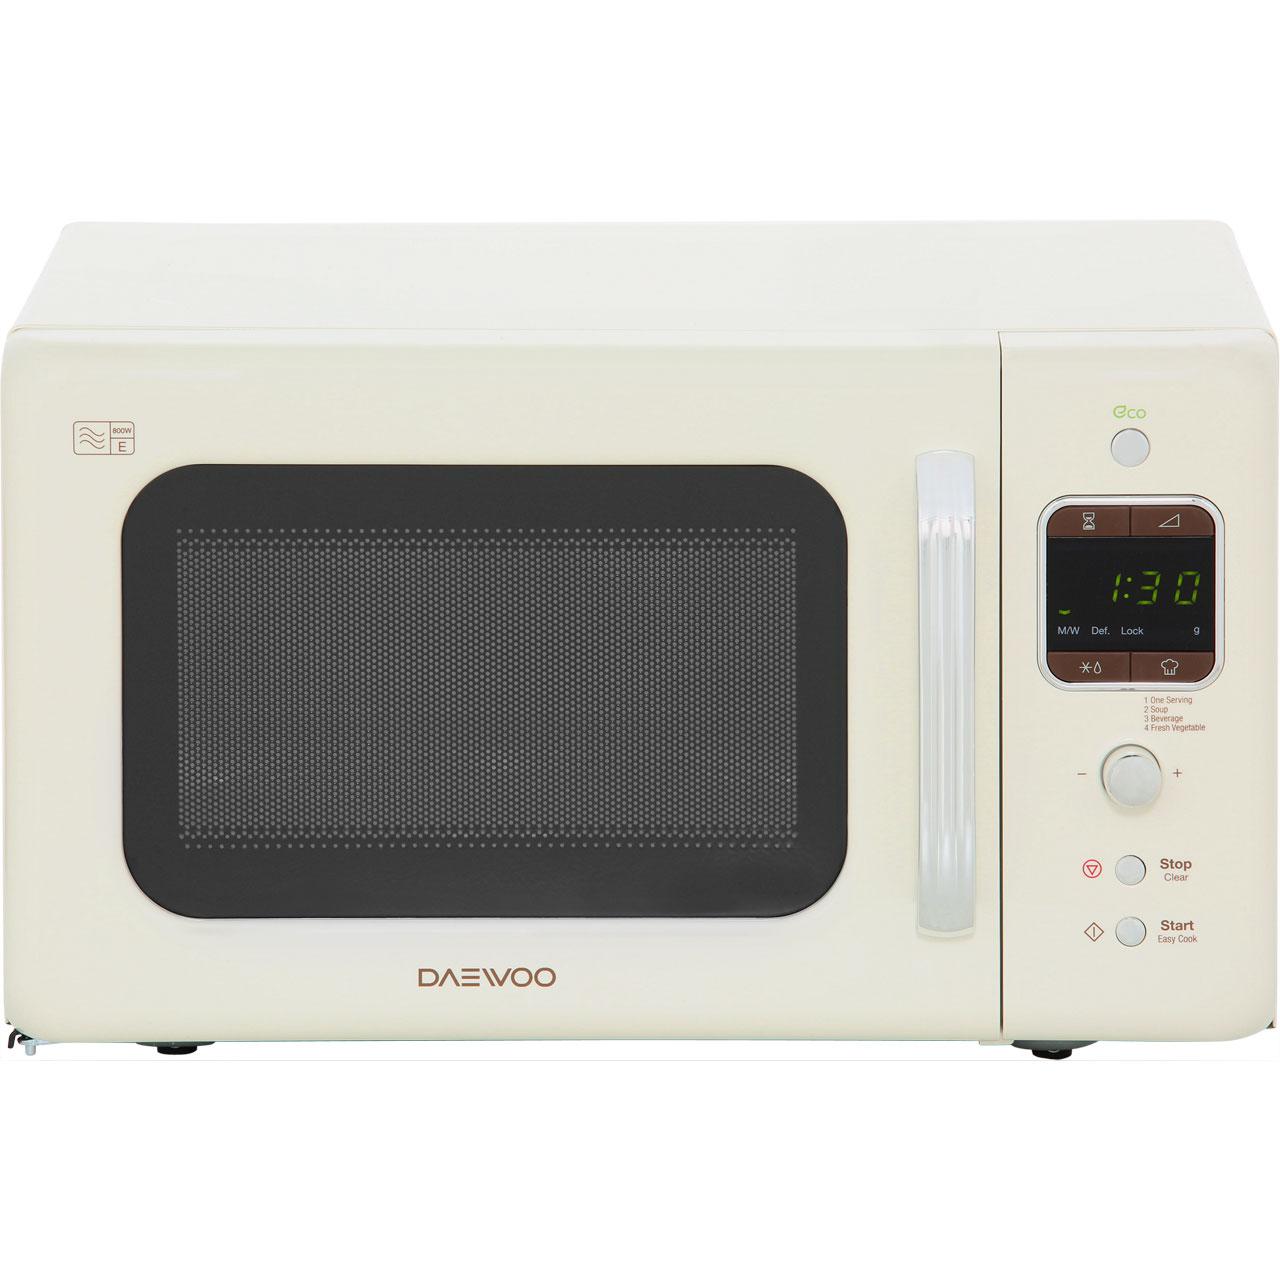 Daewoo Microwaves Bestmicrowave